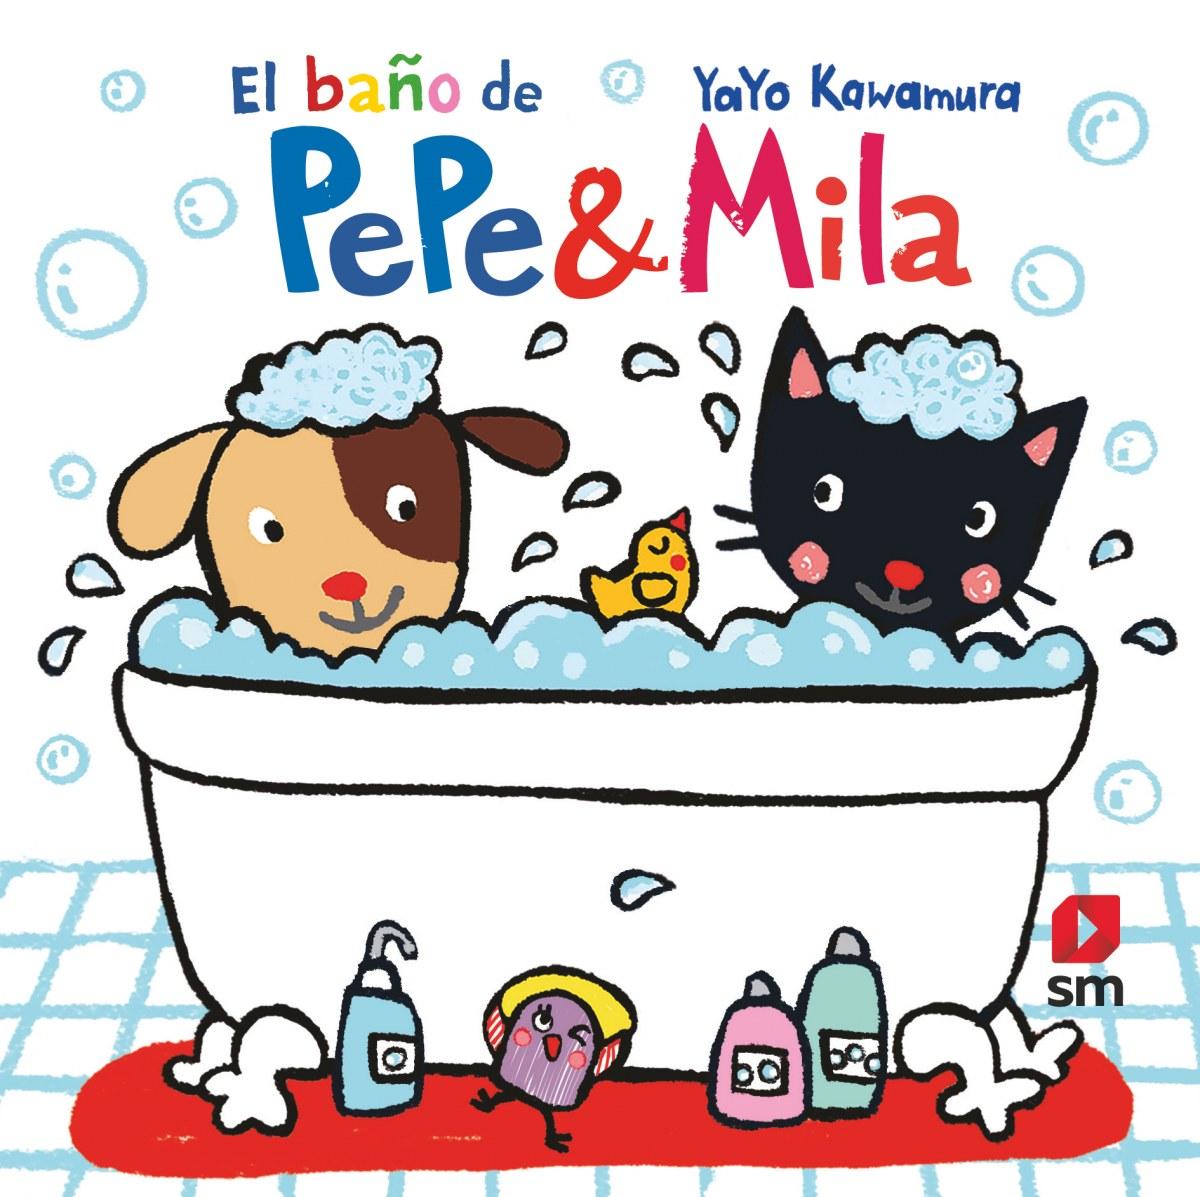 Libro de baño de Pepe Mila 9788413180496